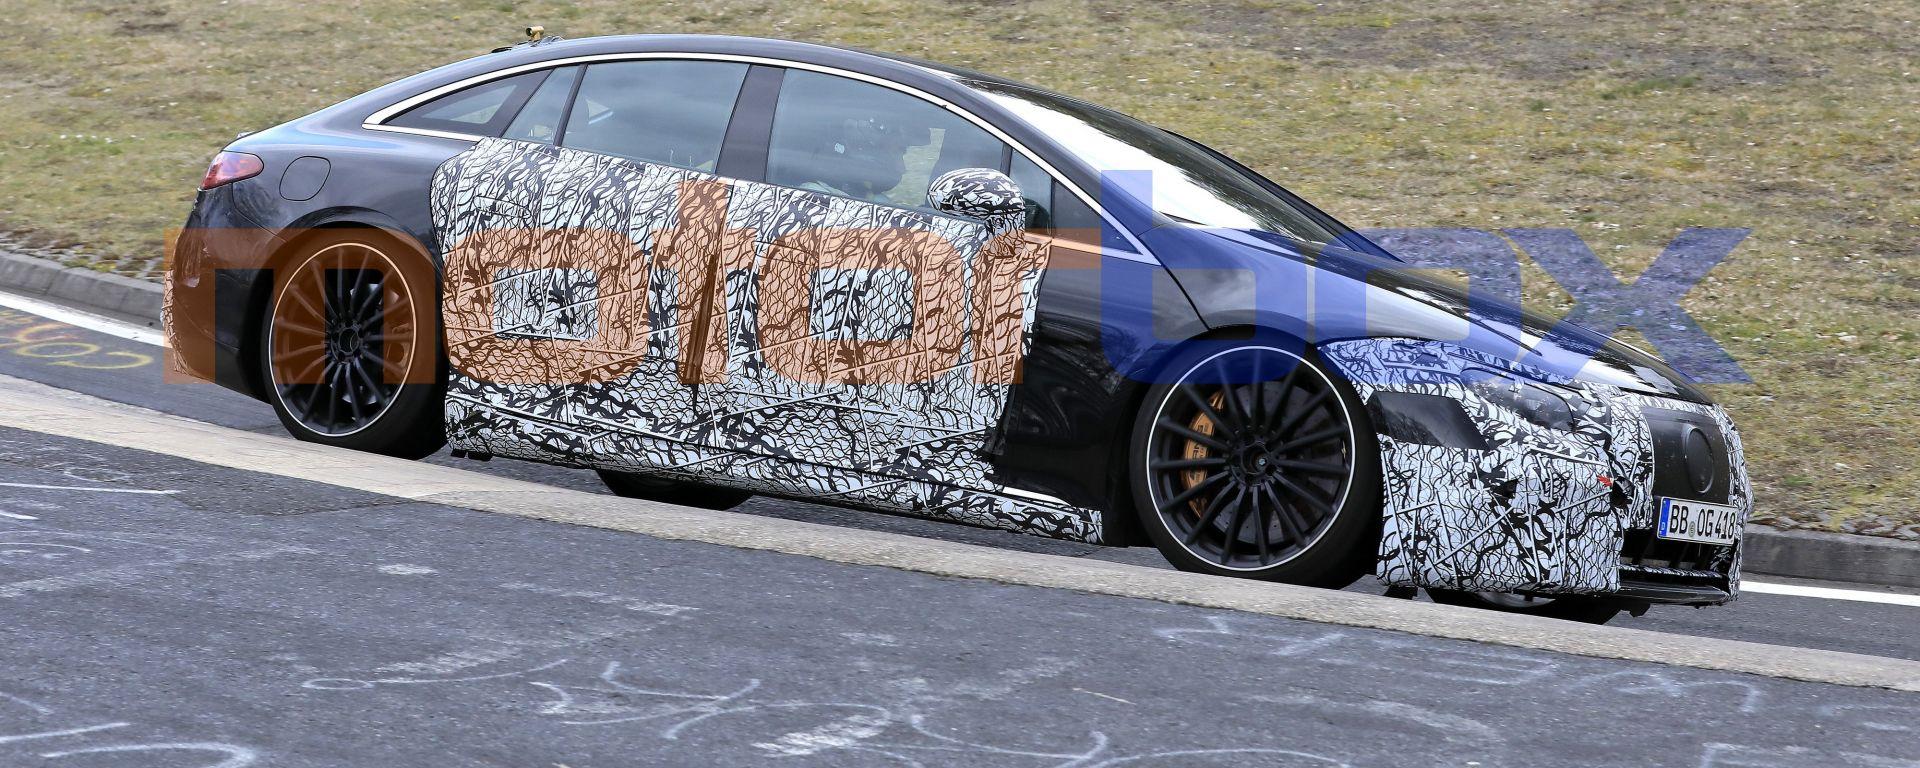 Nuova Mercedes EQS AMG: la maxi berlina elettrica passa sotto la cura del preparatore tedesco